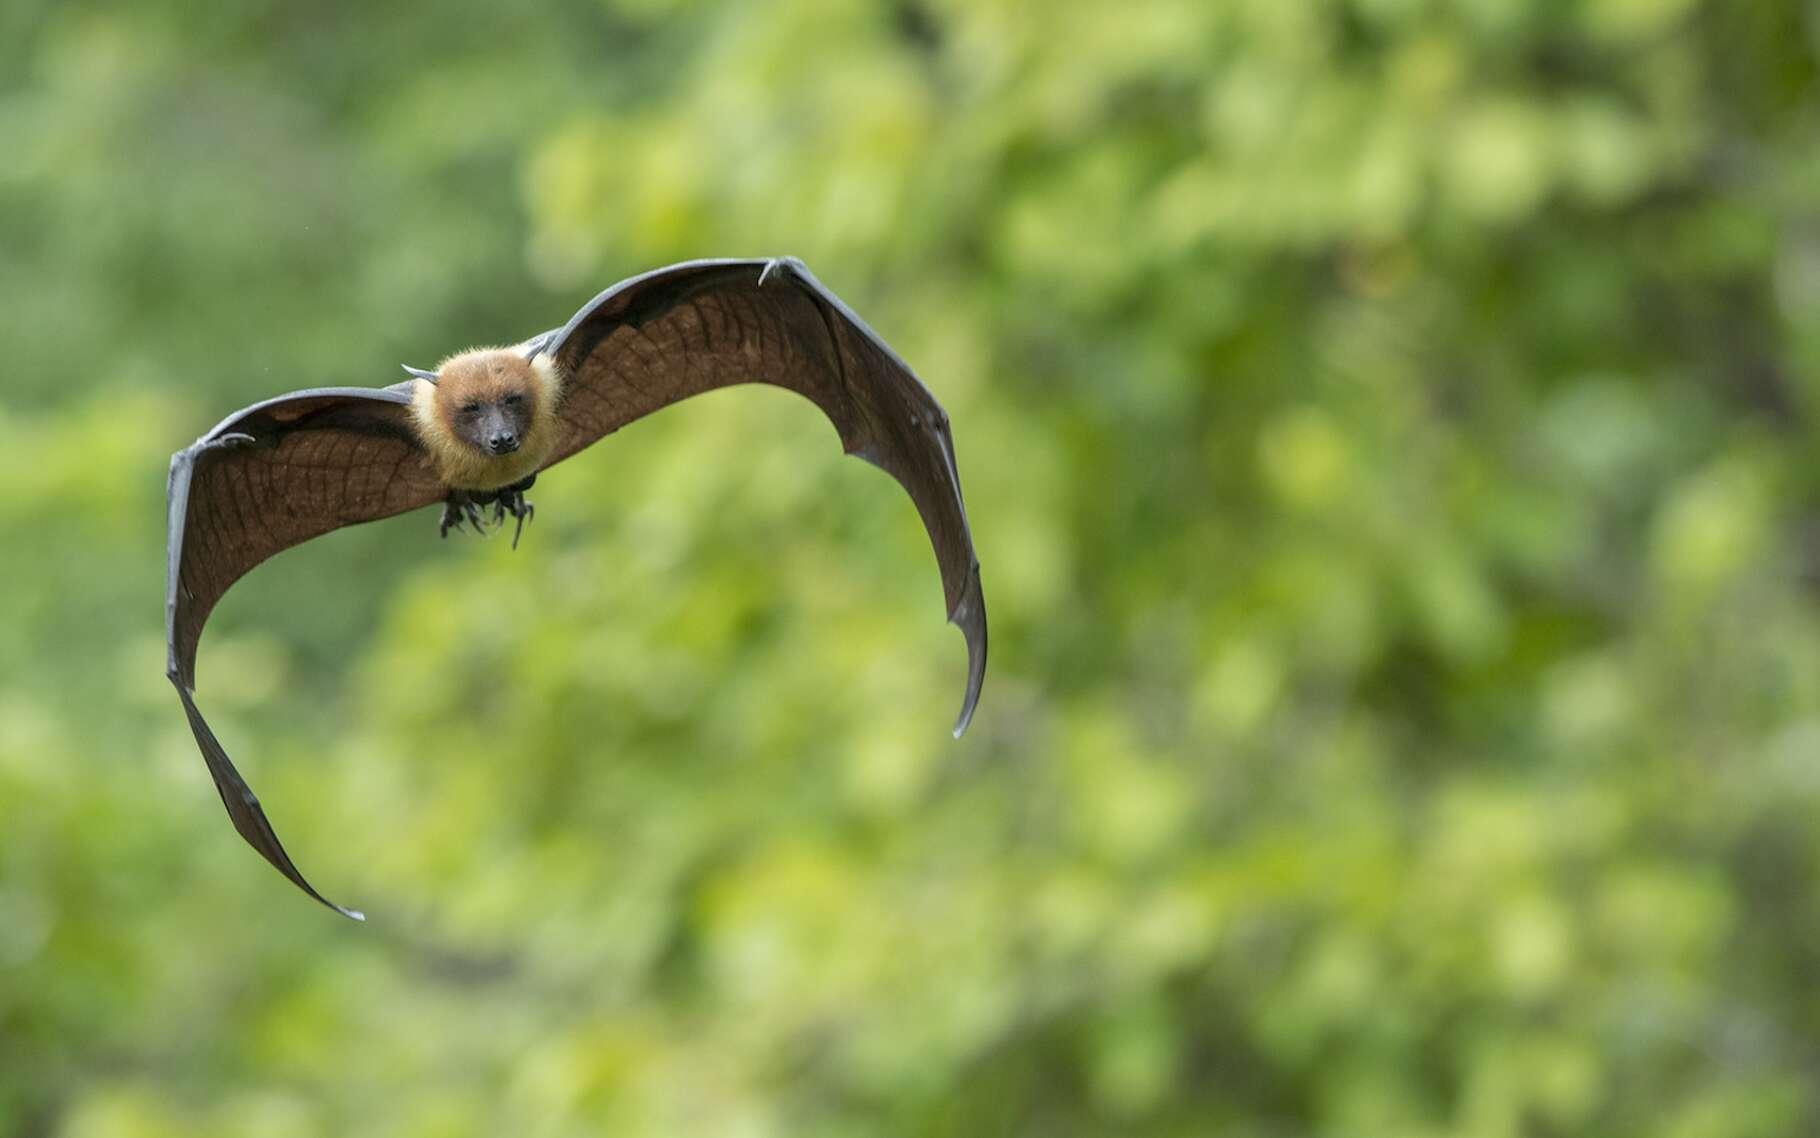 Les chauves-souris utilisent l'écholocation pour se repérer. © chamnan phanthong, Fotolia